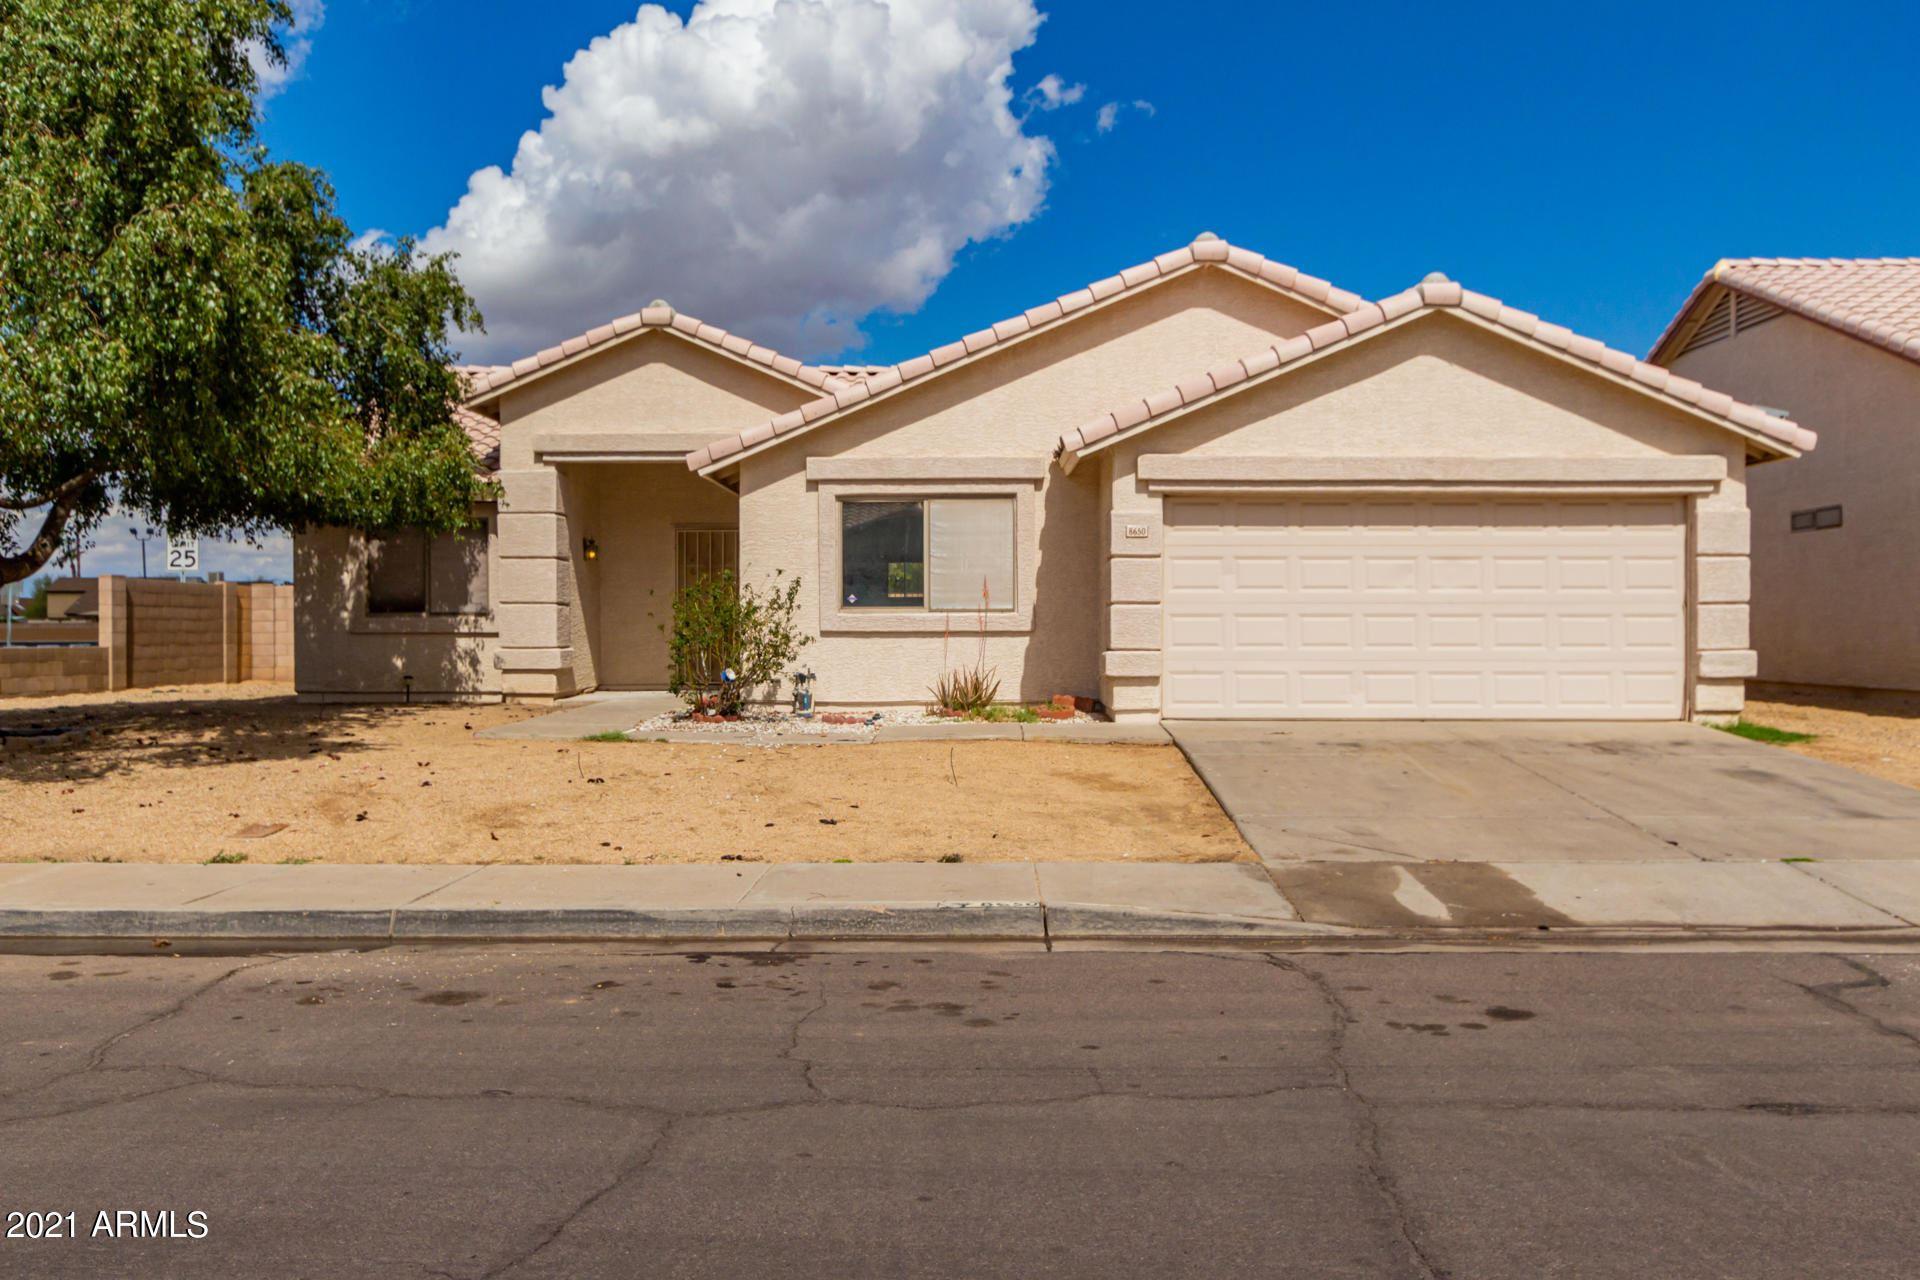 8650 W CAMPBELL Avenue, Phoenix, AZ 85037 - MLS#: 6184893